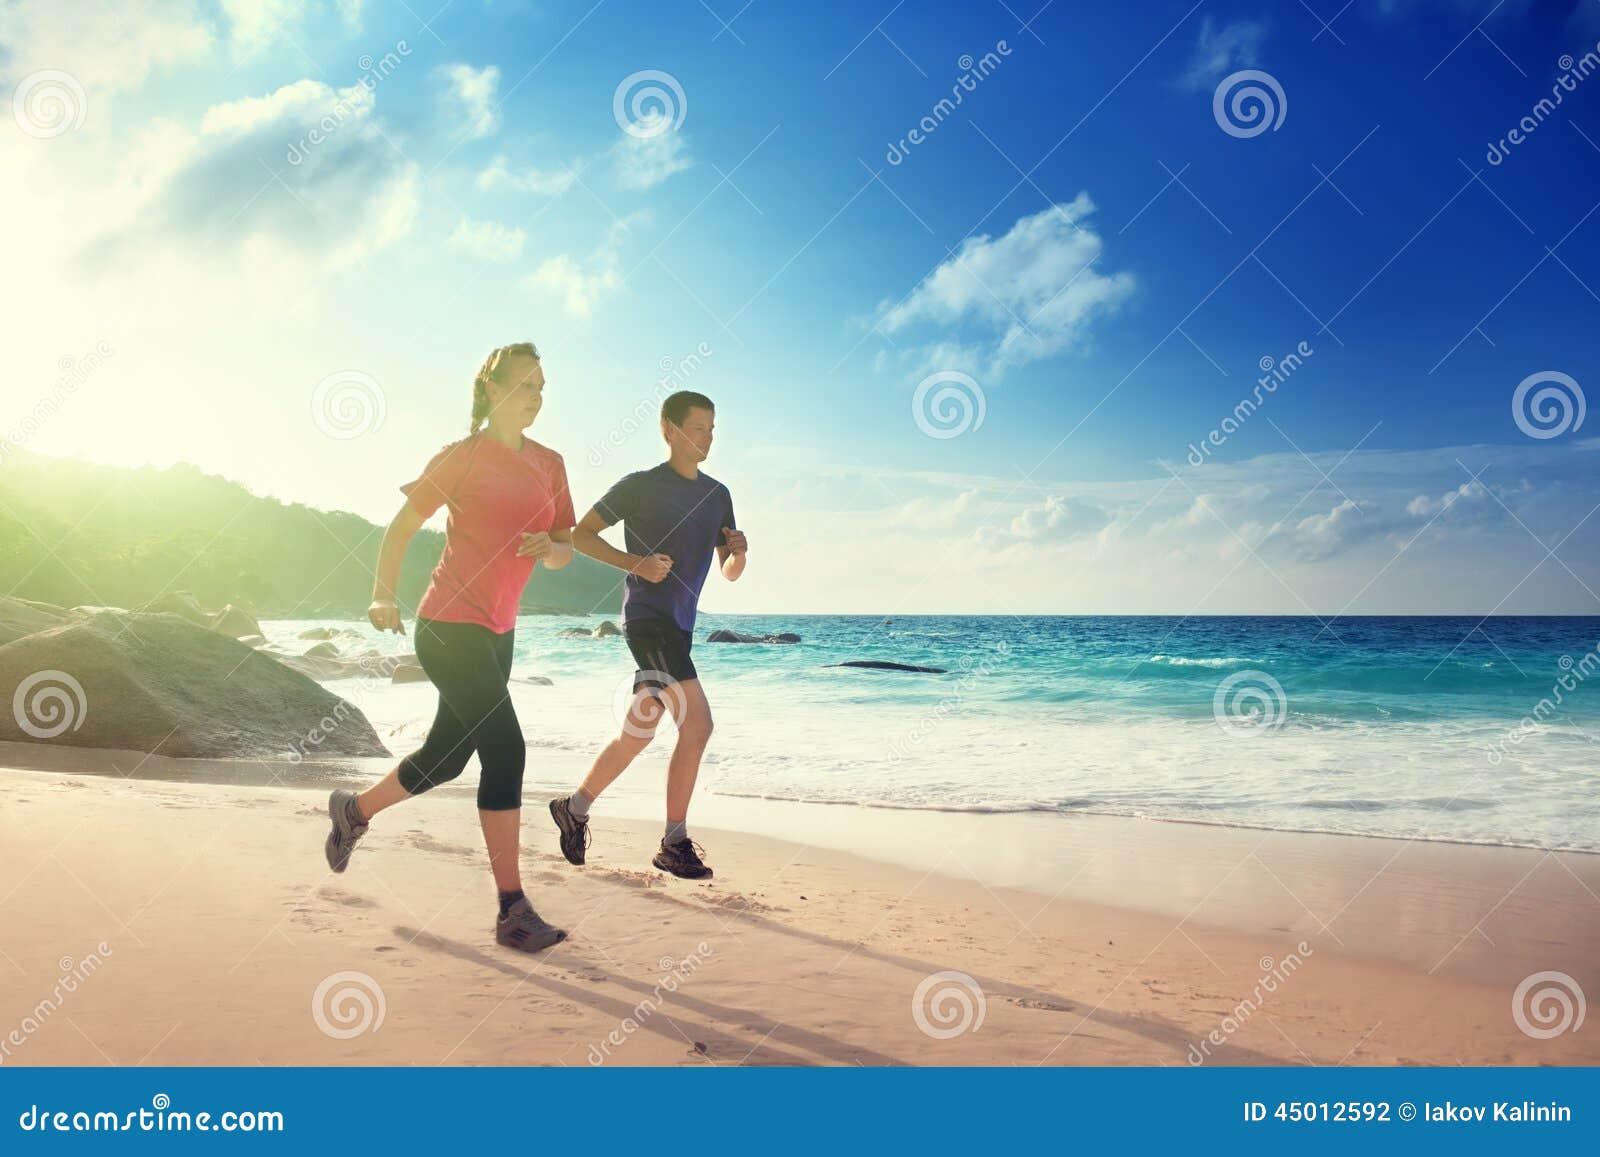 Man en vrouw die op tropisch strand lopen